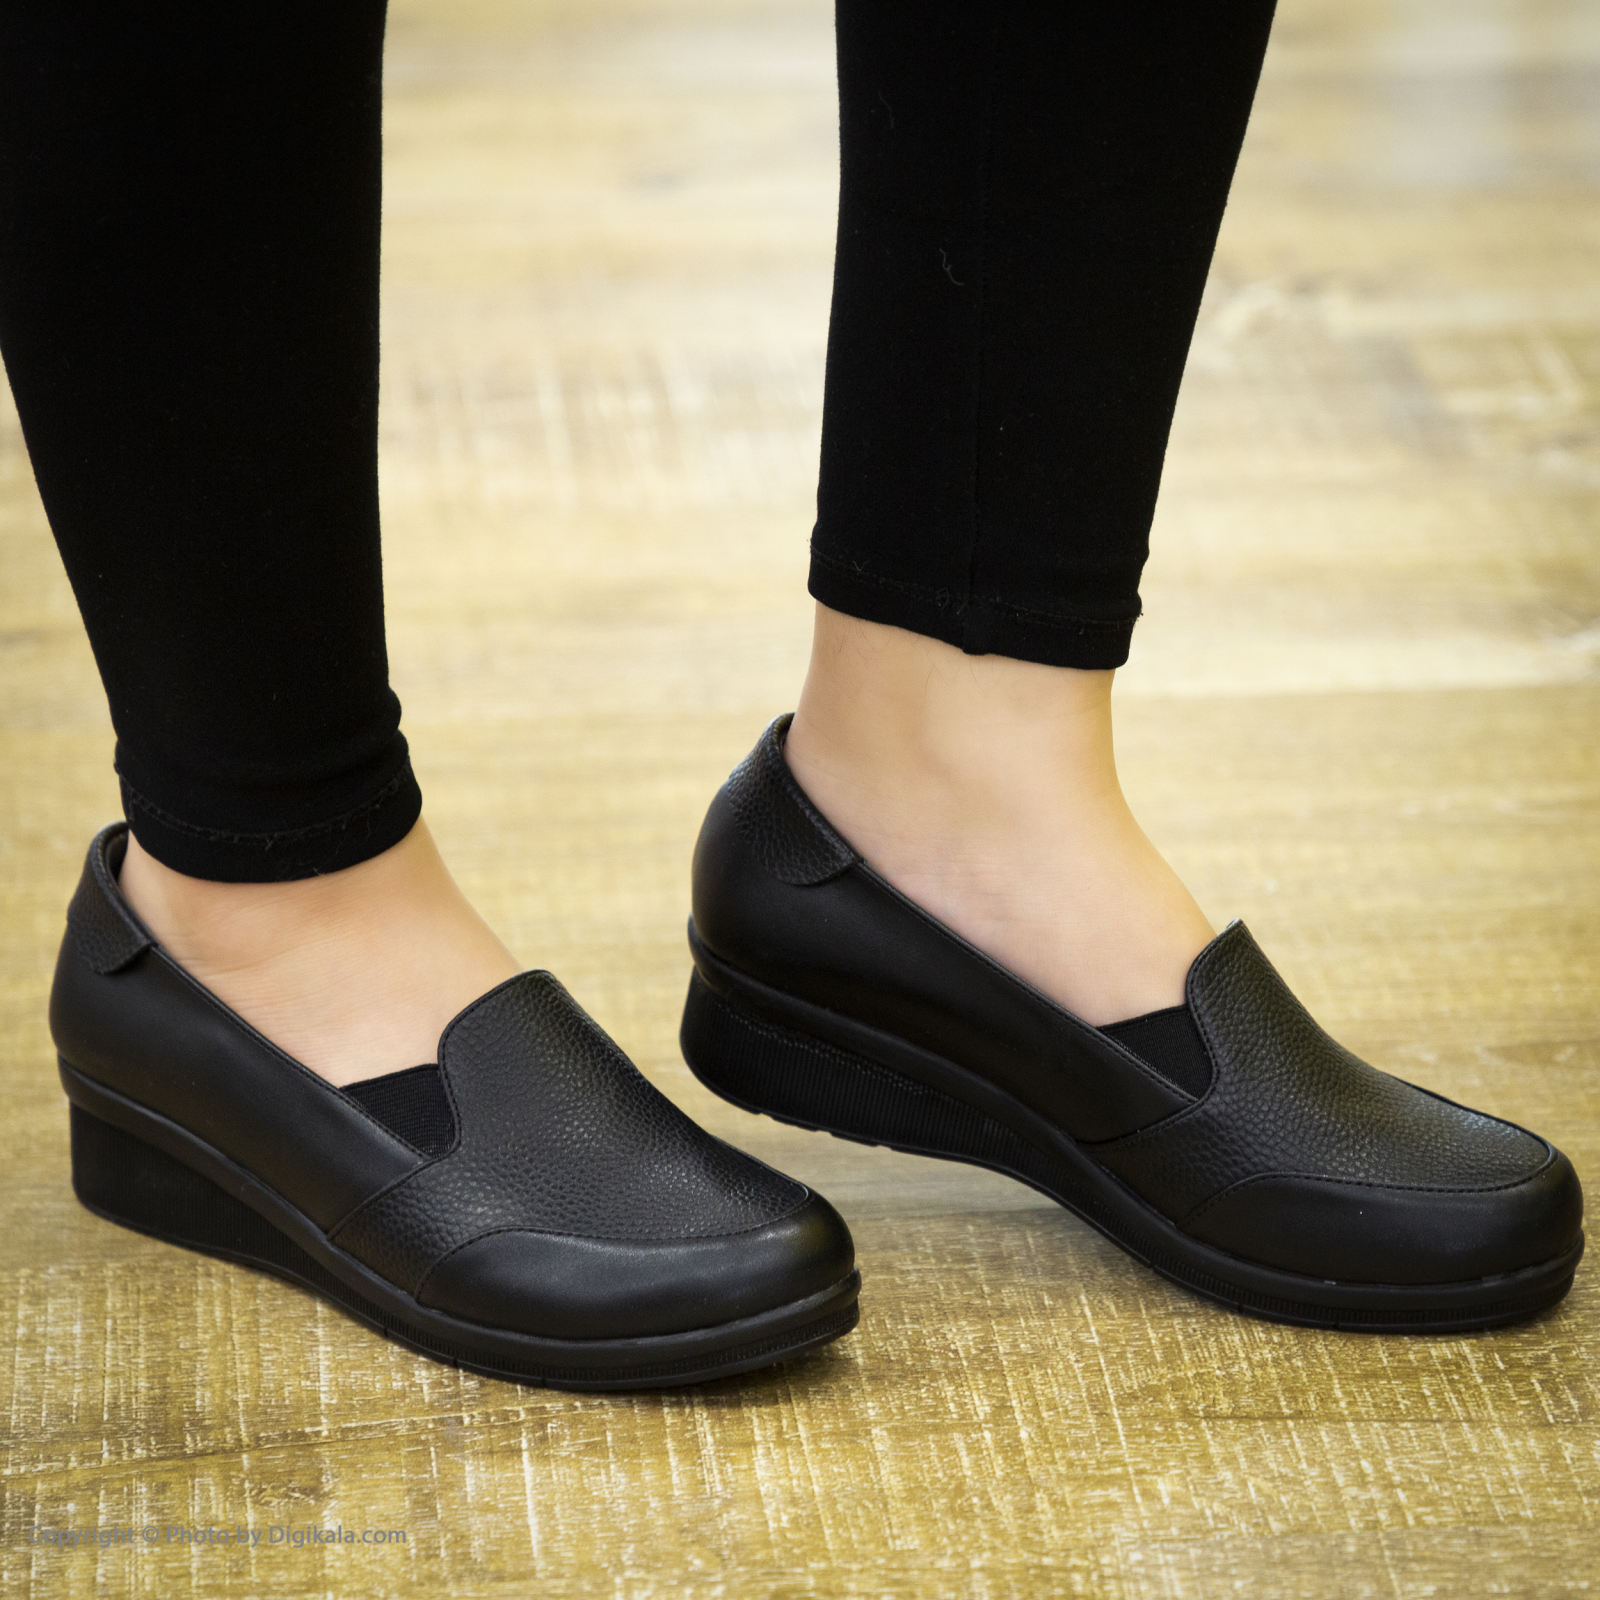 کفش طبی زنانه کد 2014 main 1 6